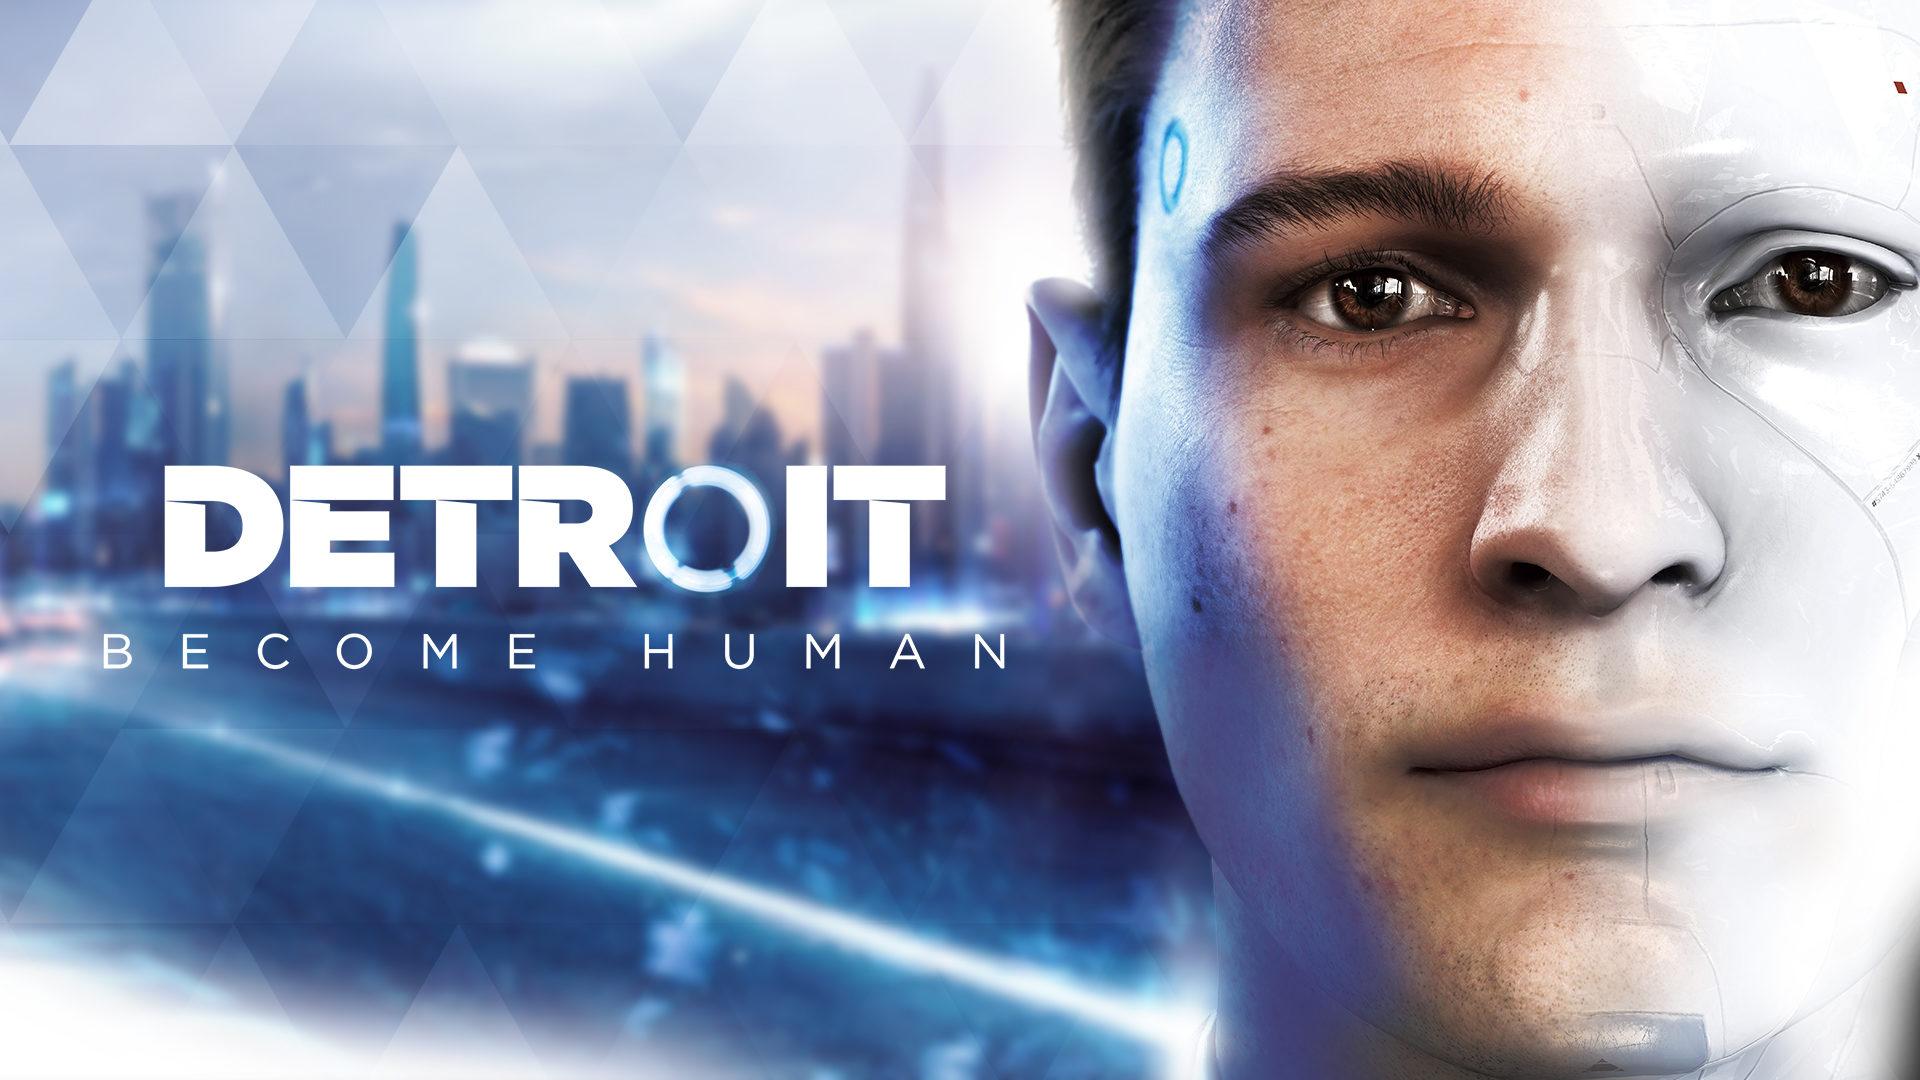 PC版「Detroit:Become Human」(デトロイト)をプレイするための推奨スペックやおすすめゲーミングPCについて